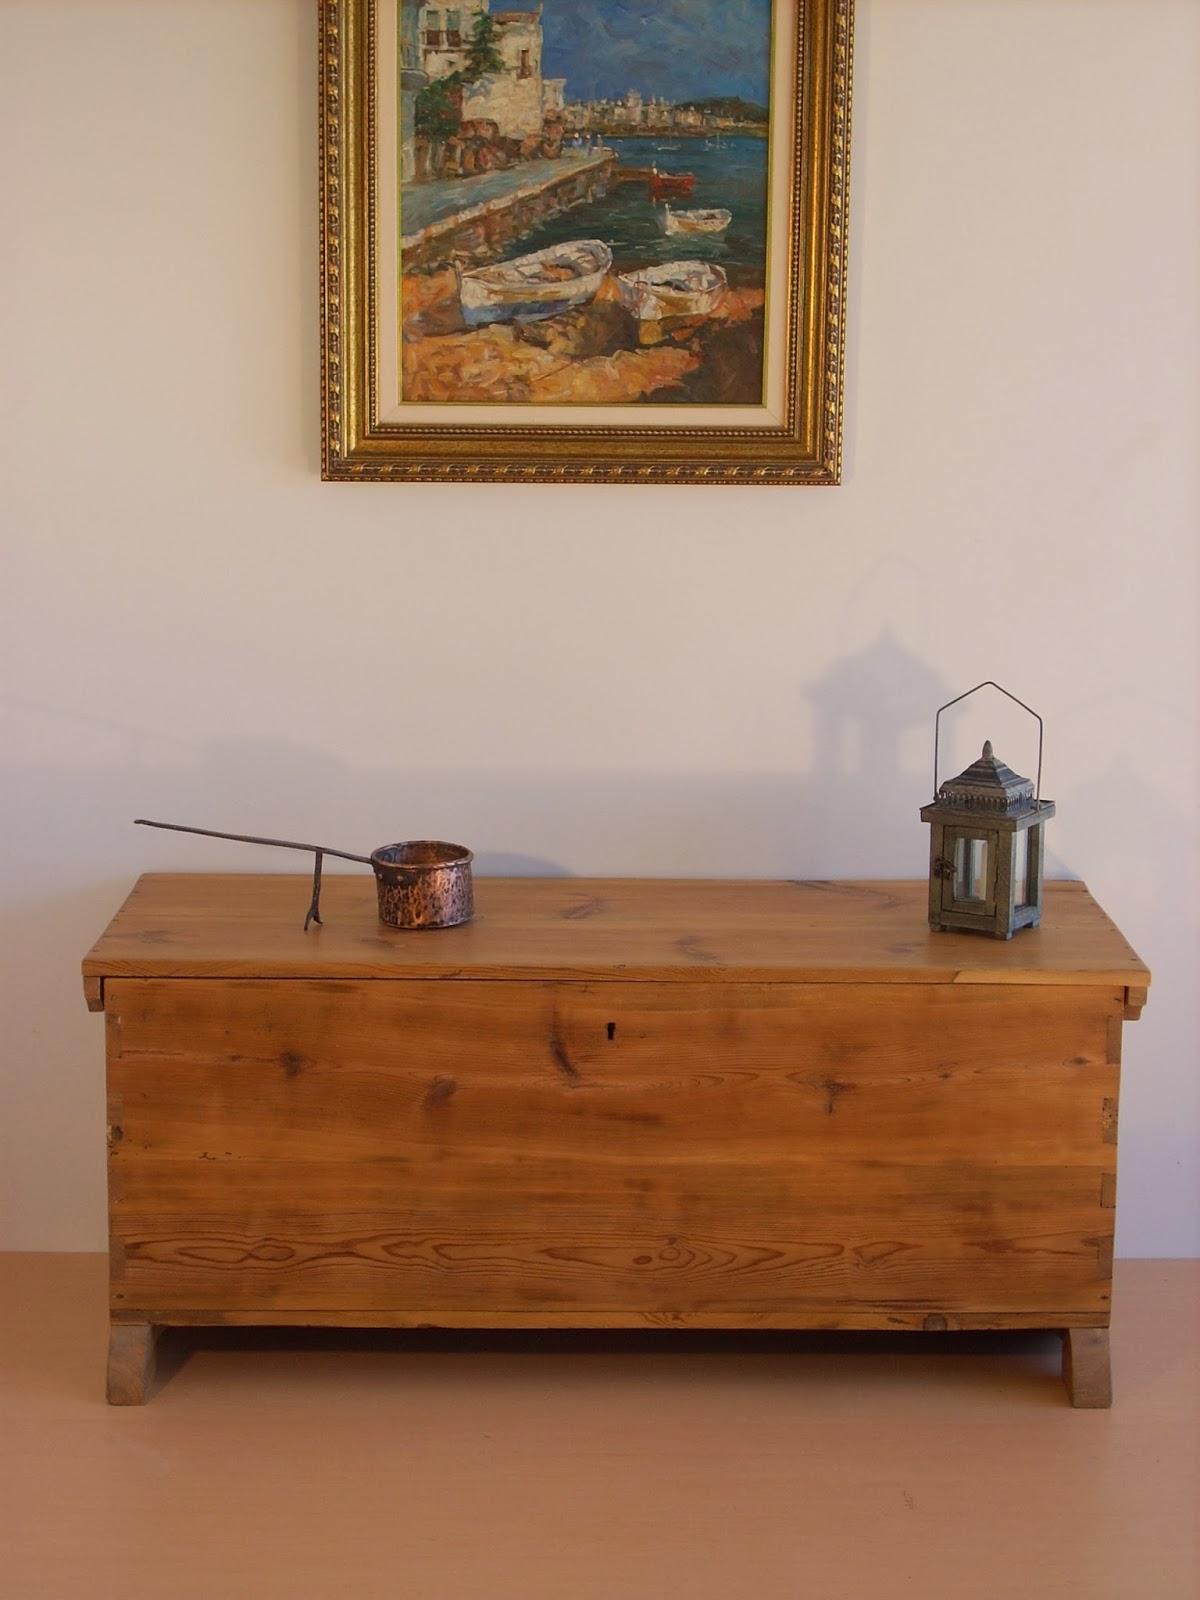 Fotos de muebles antiguos restaurados - Muebles de caoba antiguos ...